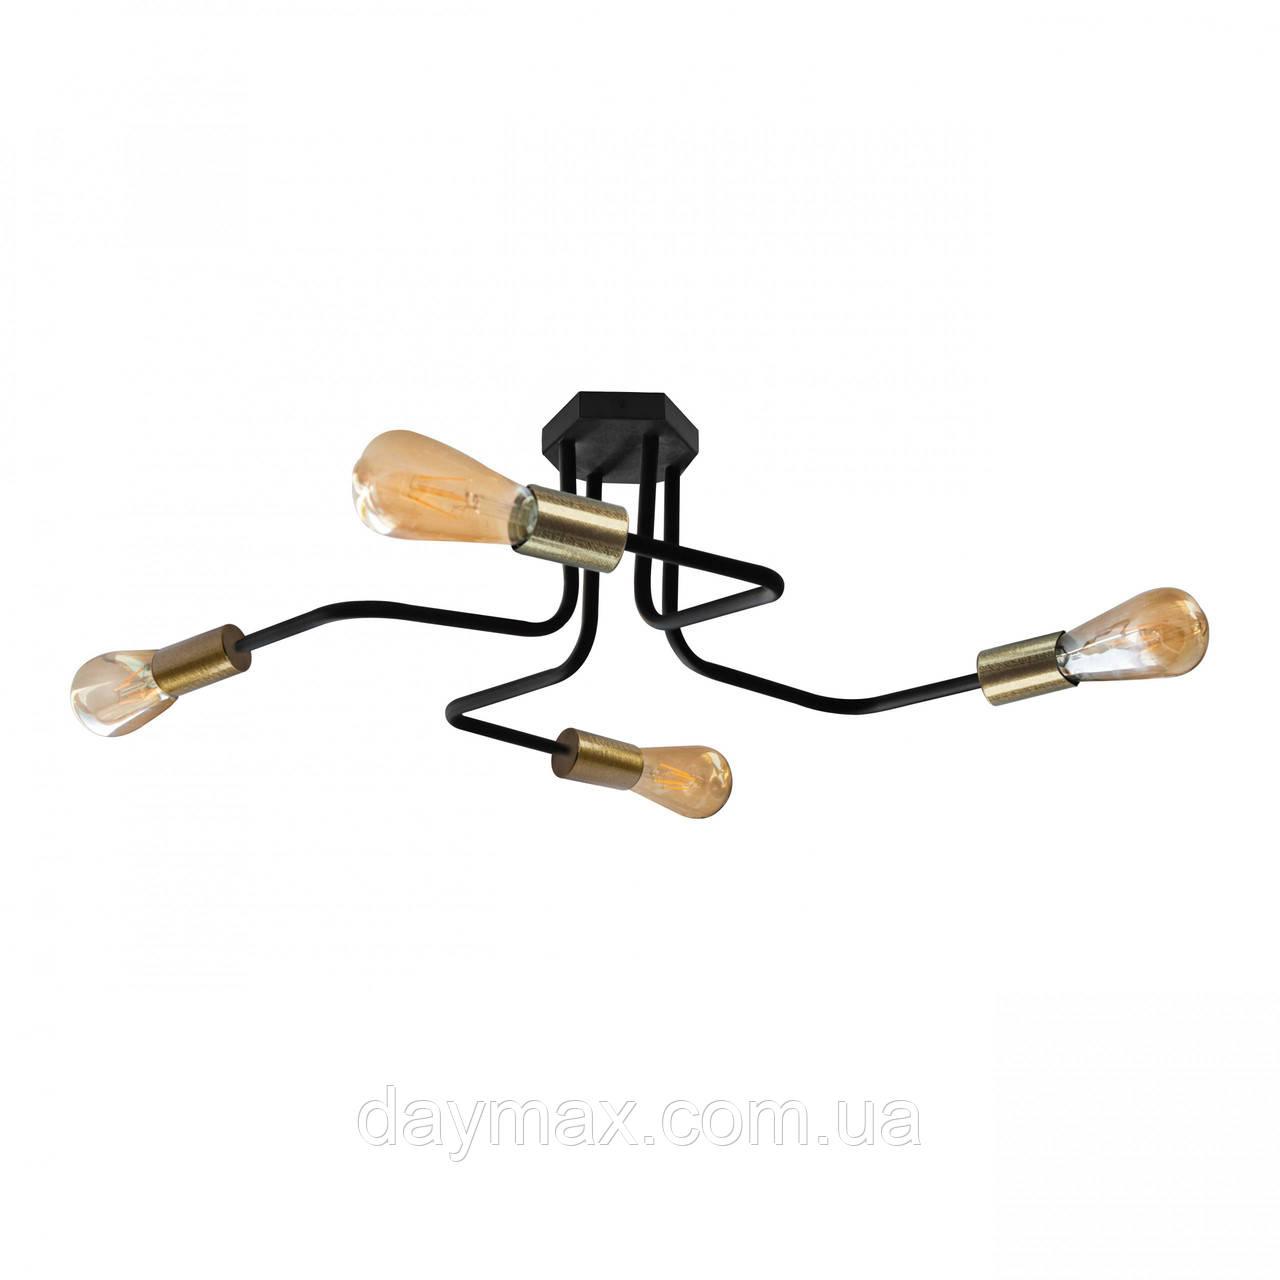 Люстра паук с бронзовыми патронами MSK Electric NL 5050/4 BK+BN